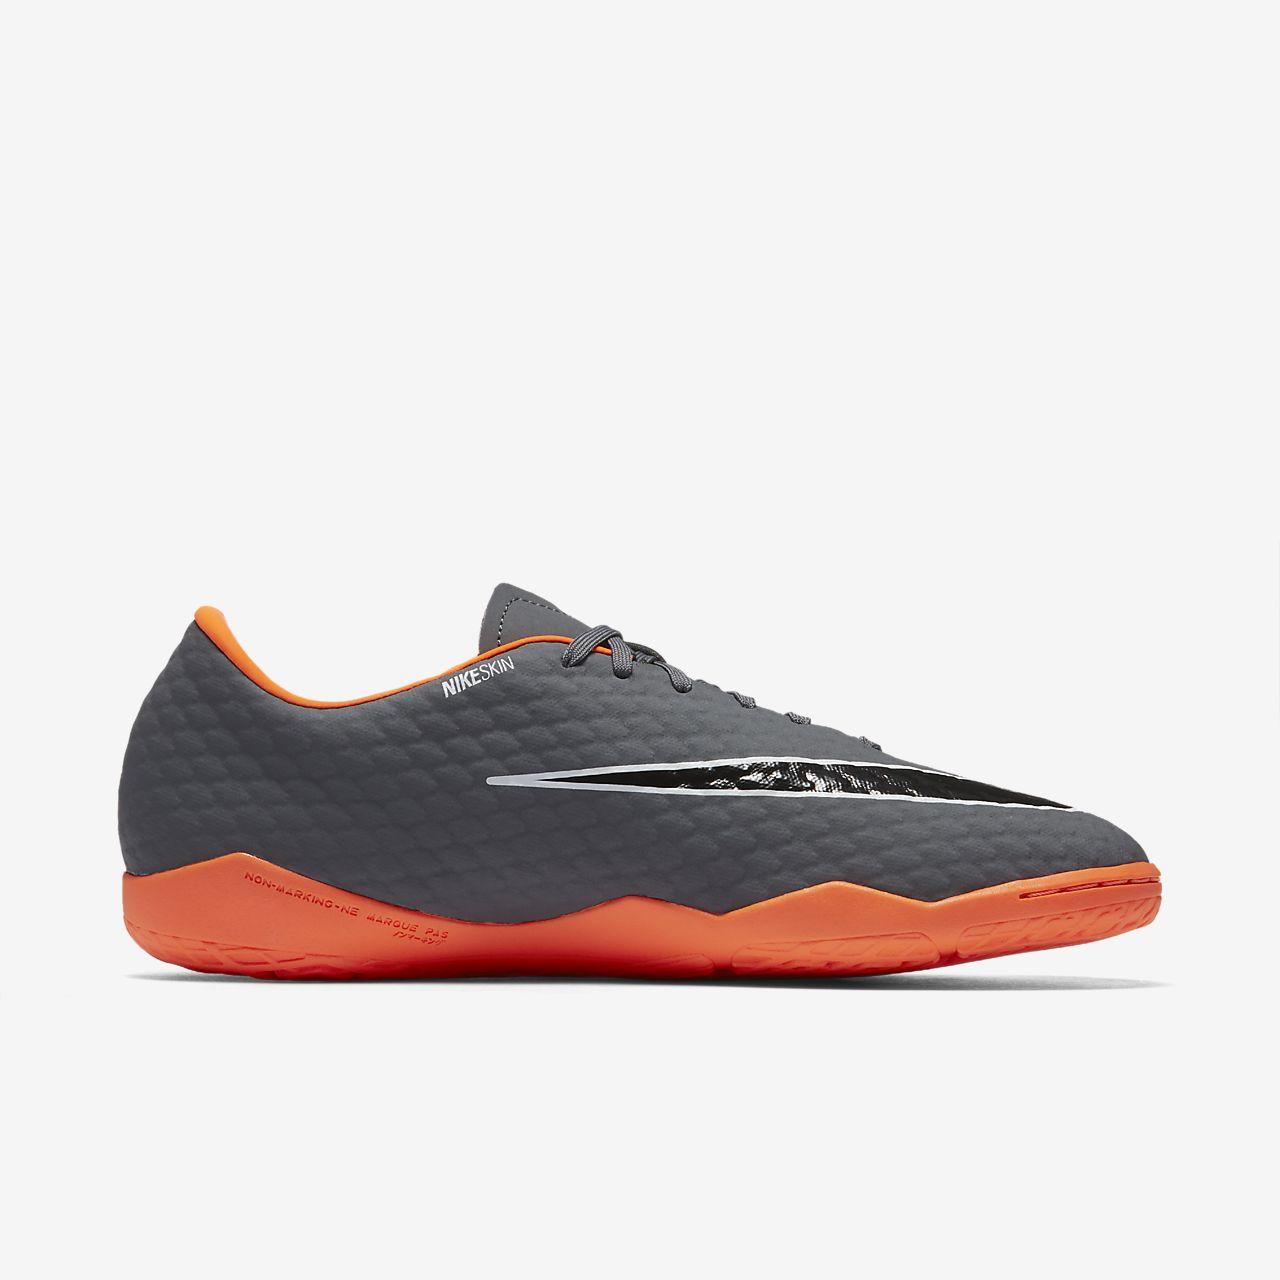 ZOOM PHANTOMX 3 PRO IC - Fußballschuh Halle - dark grey/total orange/white IeT7gSW9je